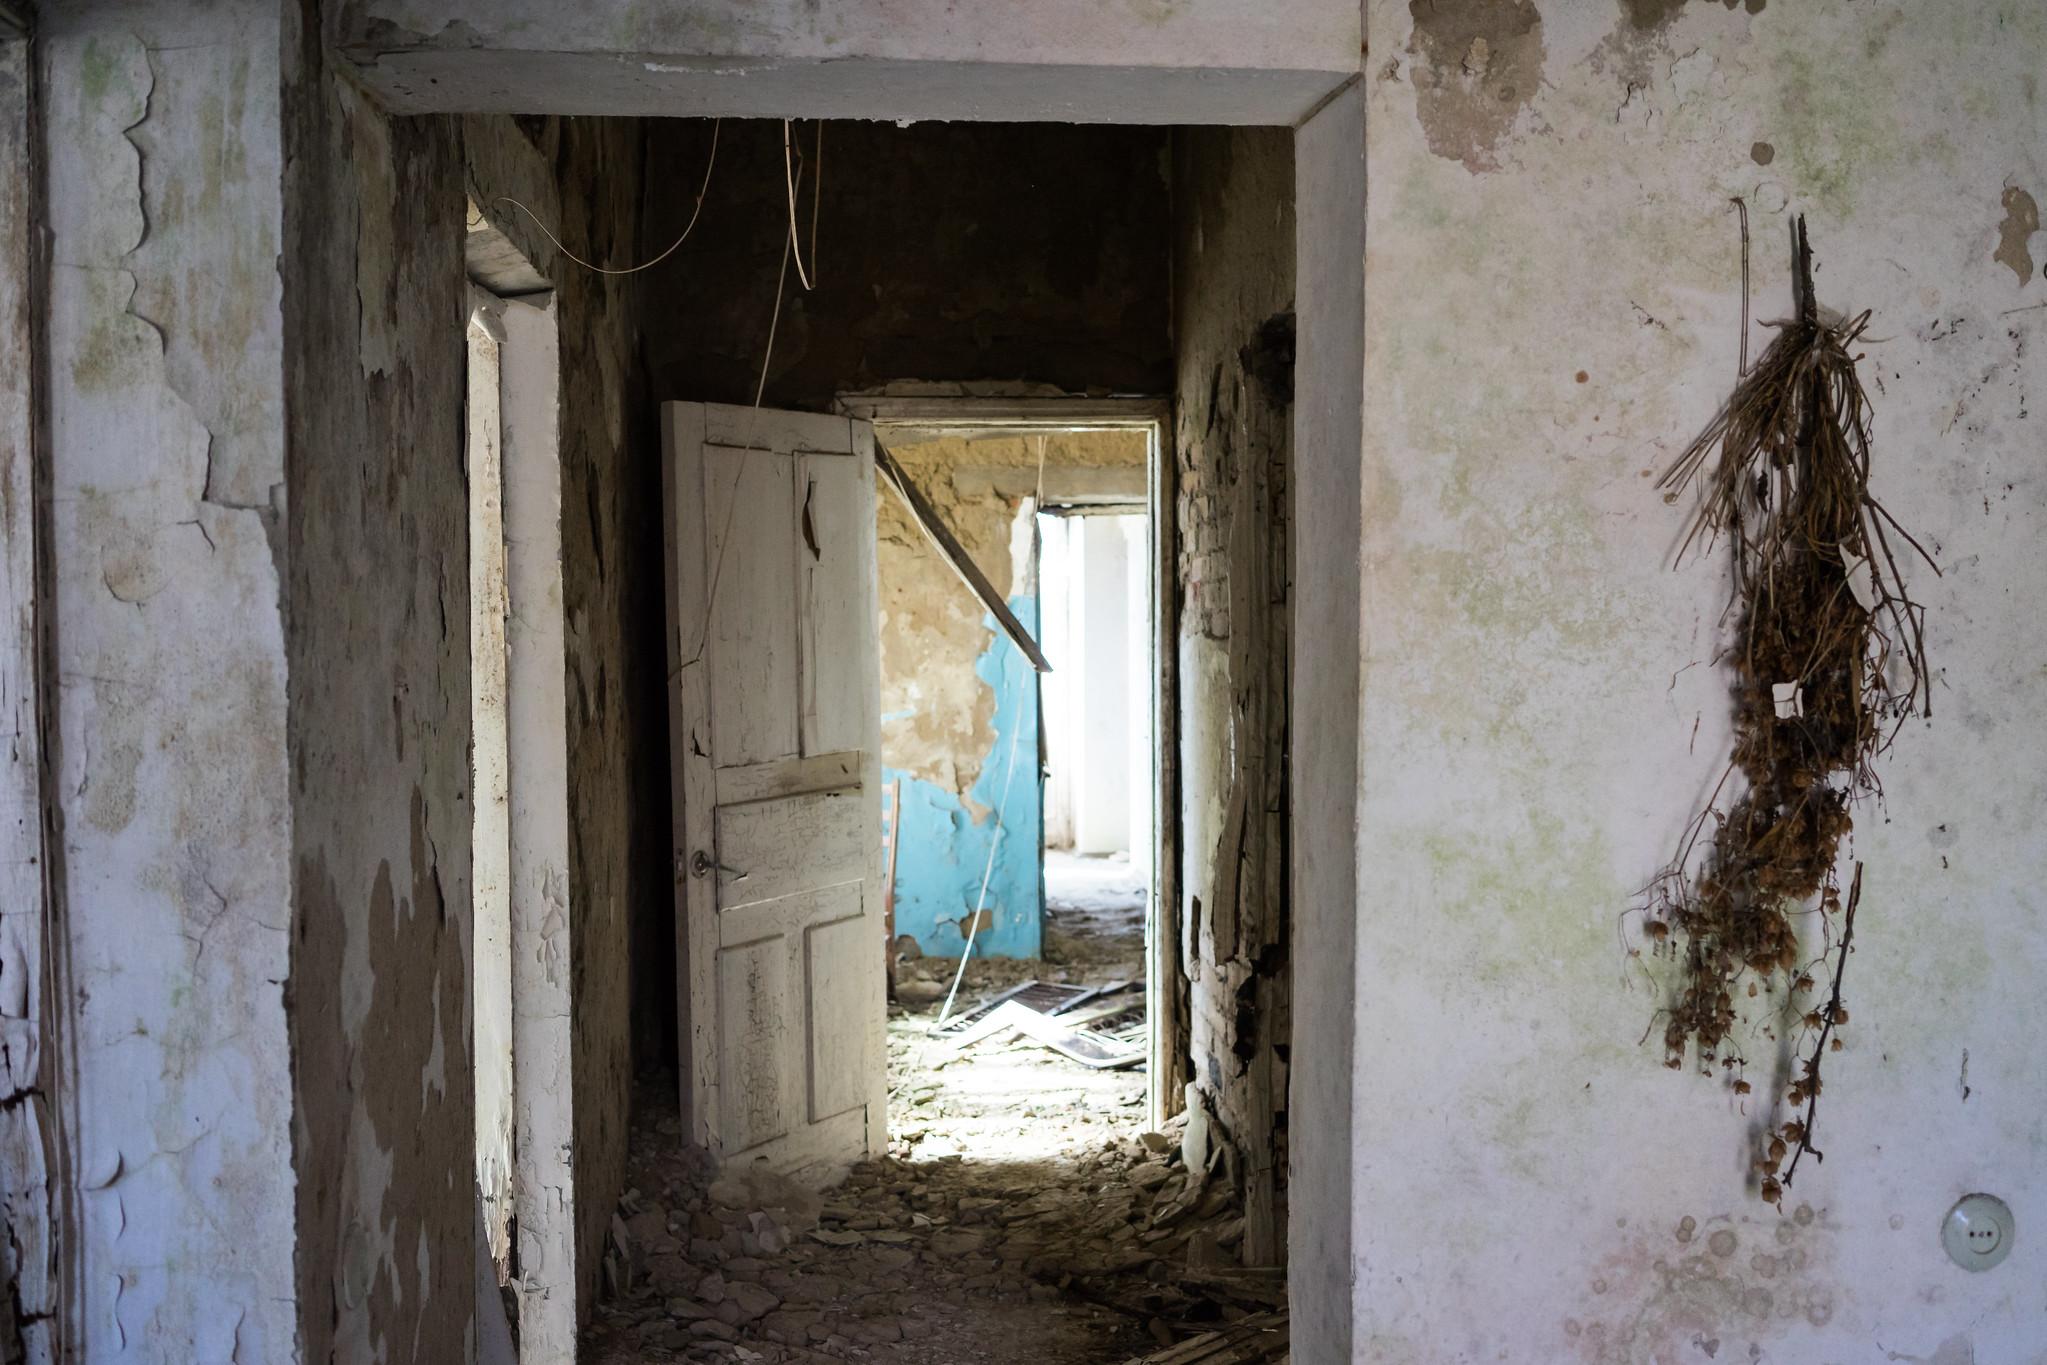 Сучасні «інтер'єри» кримського будинку. Фото: Наталка Дяченко